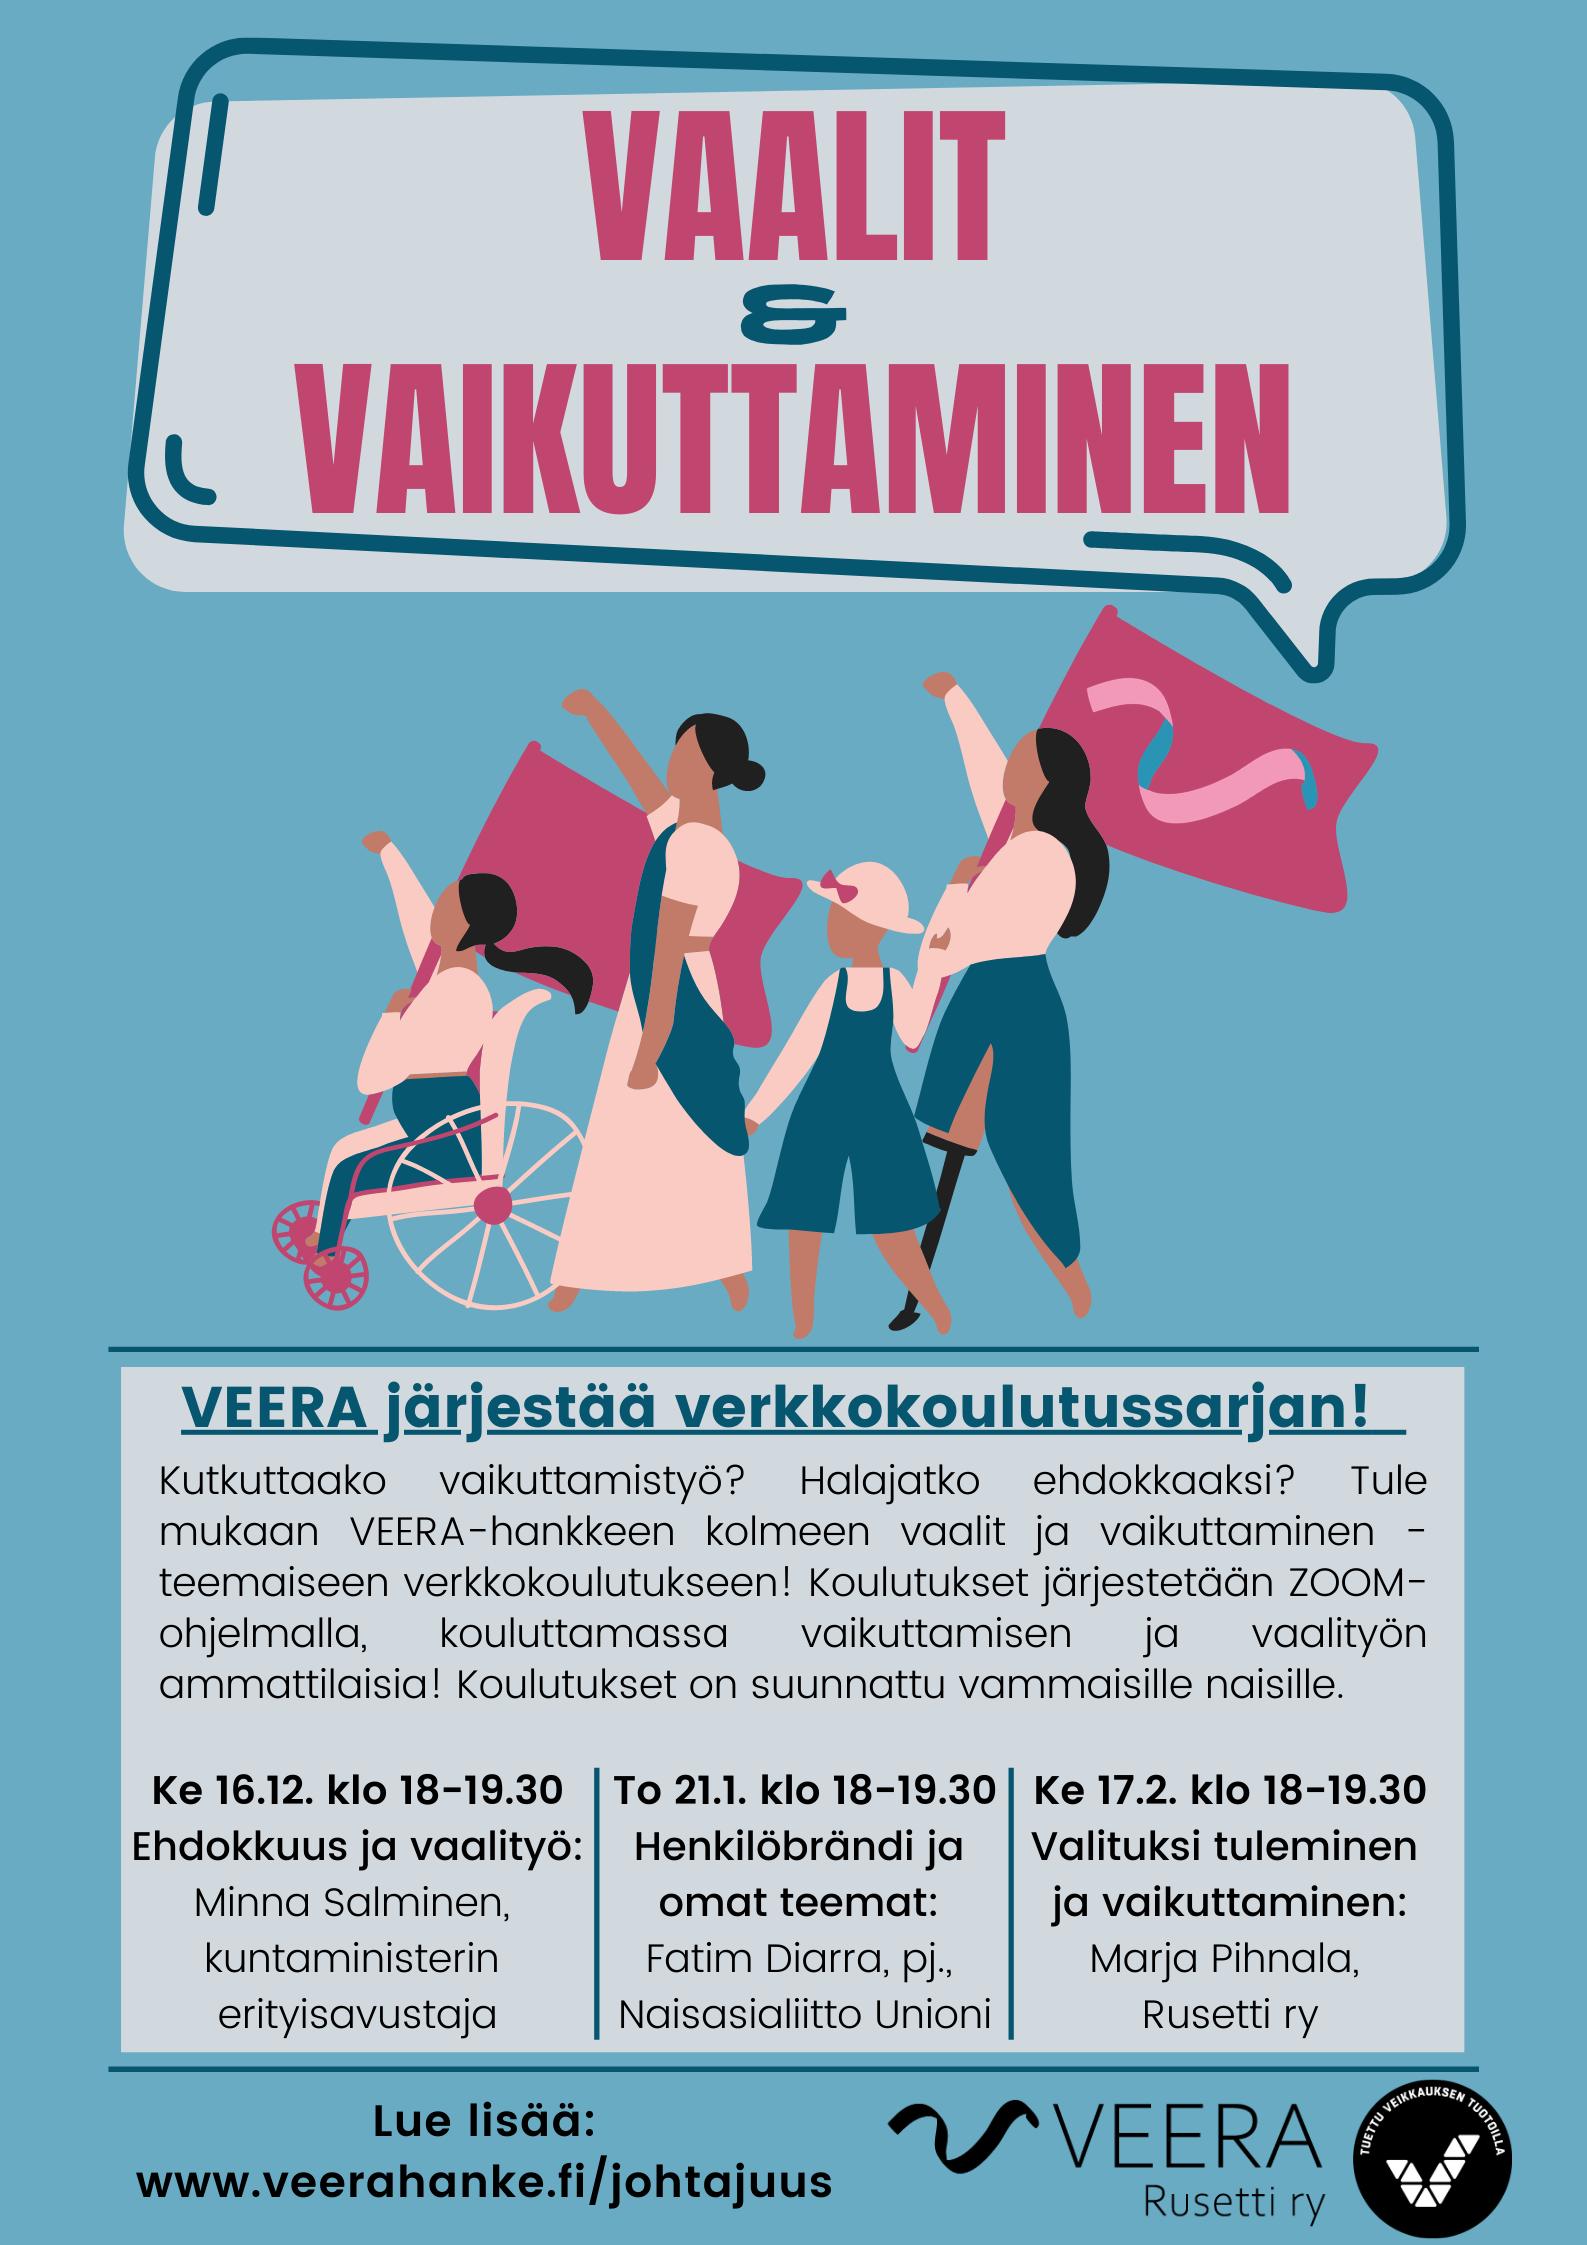 verkkokoulutussarjan mainos, piirros jossa erilaisia vammaisia naisia marssi lippu kädessä.